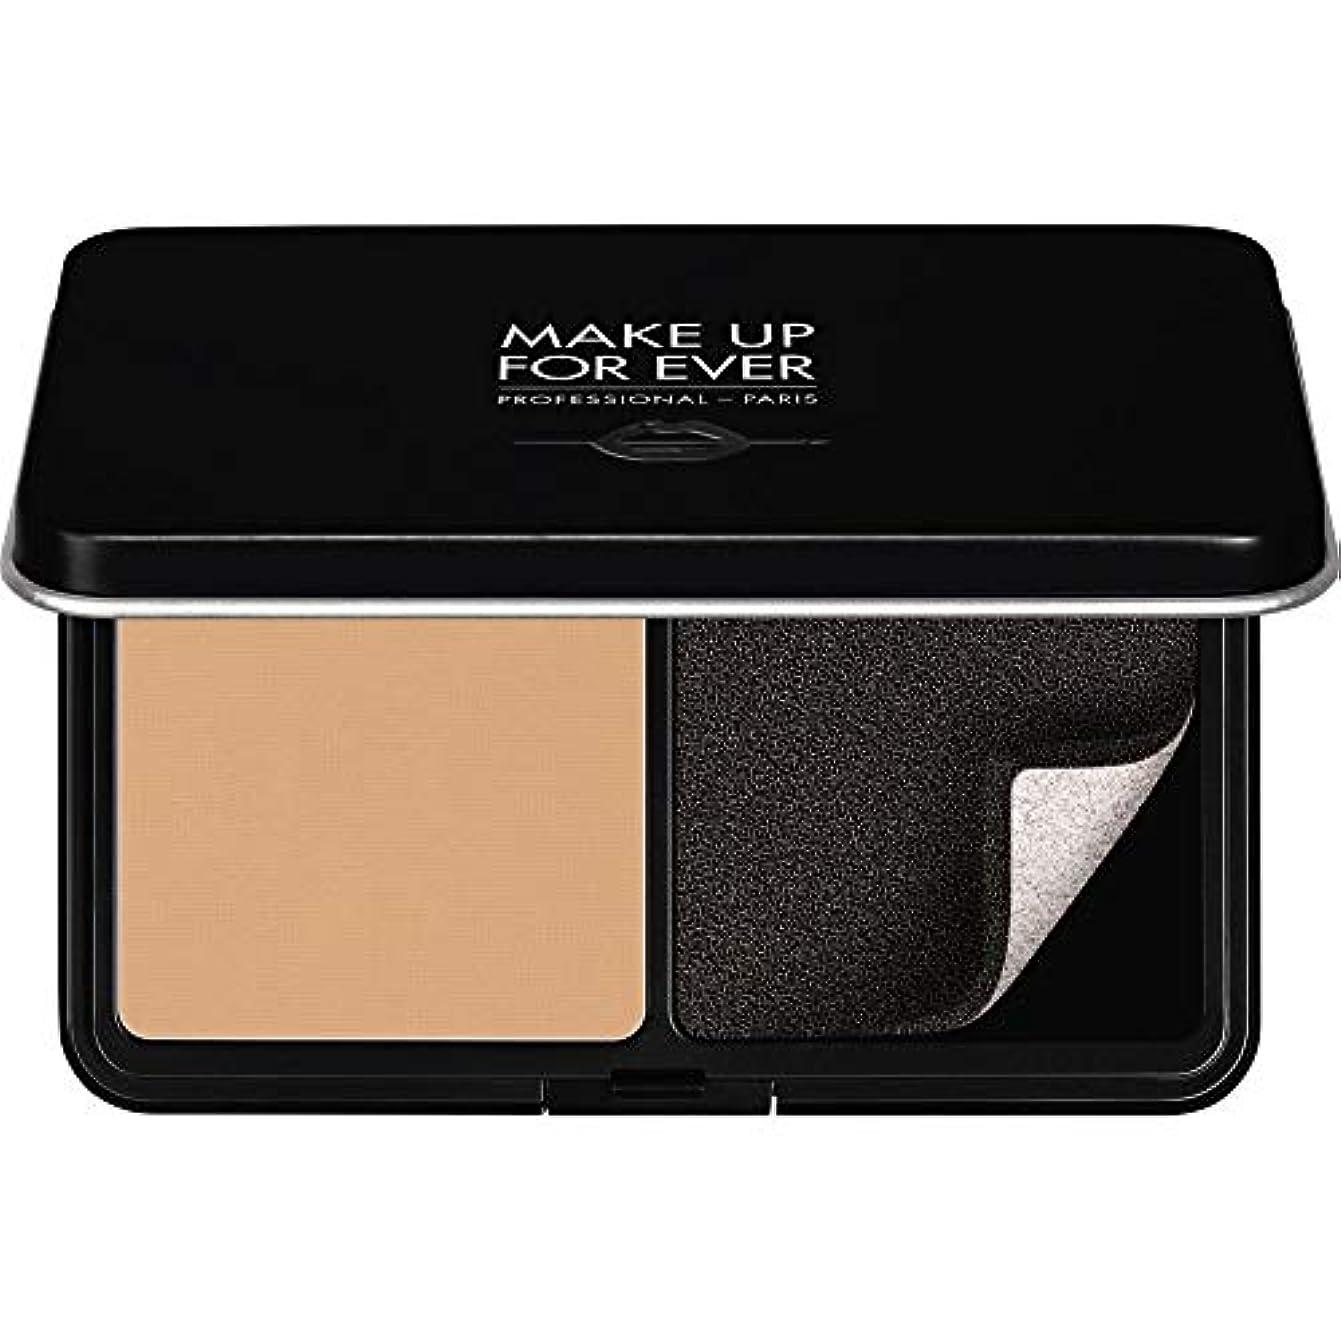 自分を引き上げる妖精驚くべき[MAKE UP FOR EVER ] パウダーファンデーション11GののY305をぼかし、これまでマットベルベットの肌を補う - ソフトベージュ - MAKE UP FOR EVER Matte Velvet Skin...